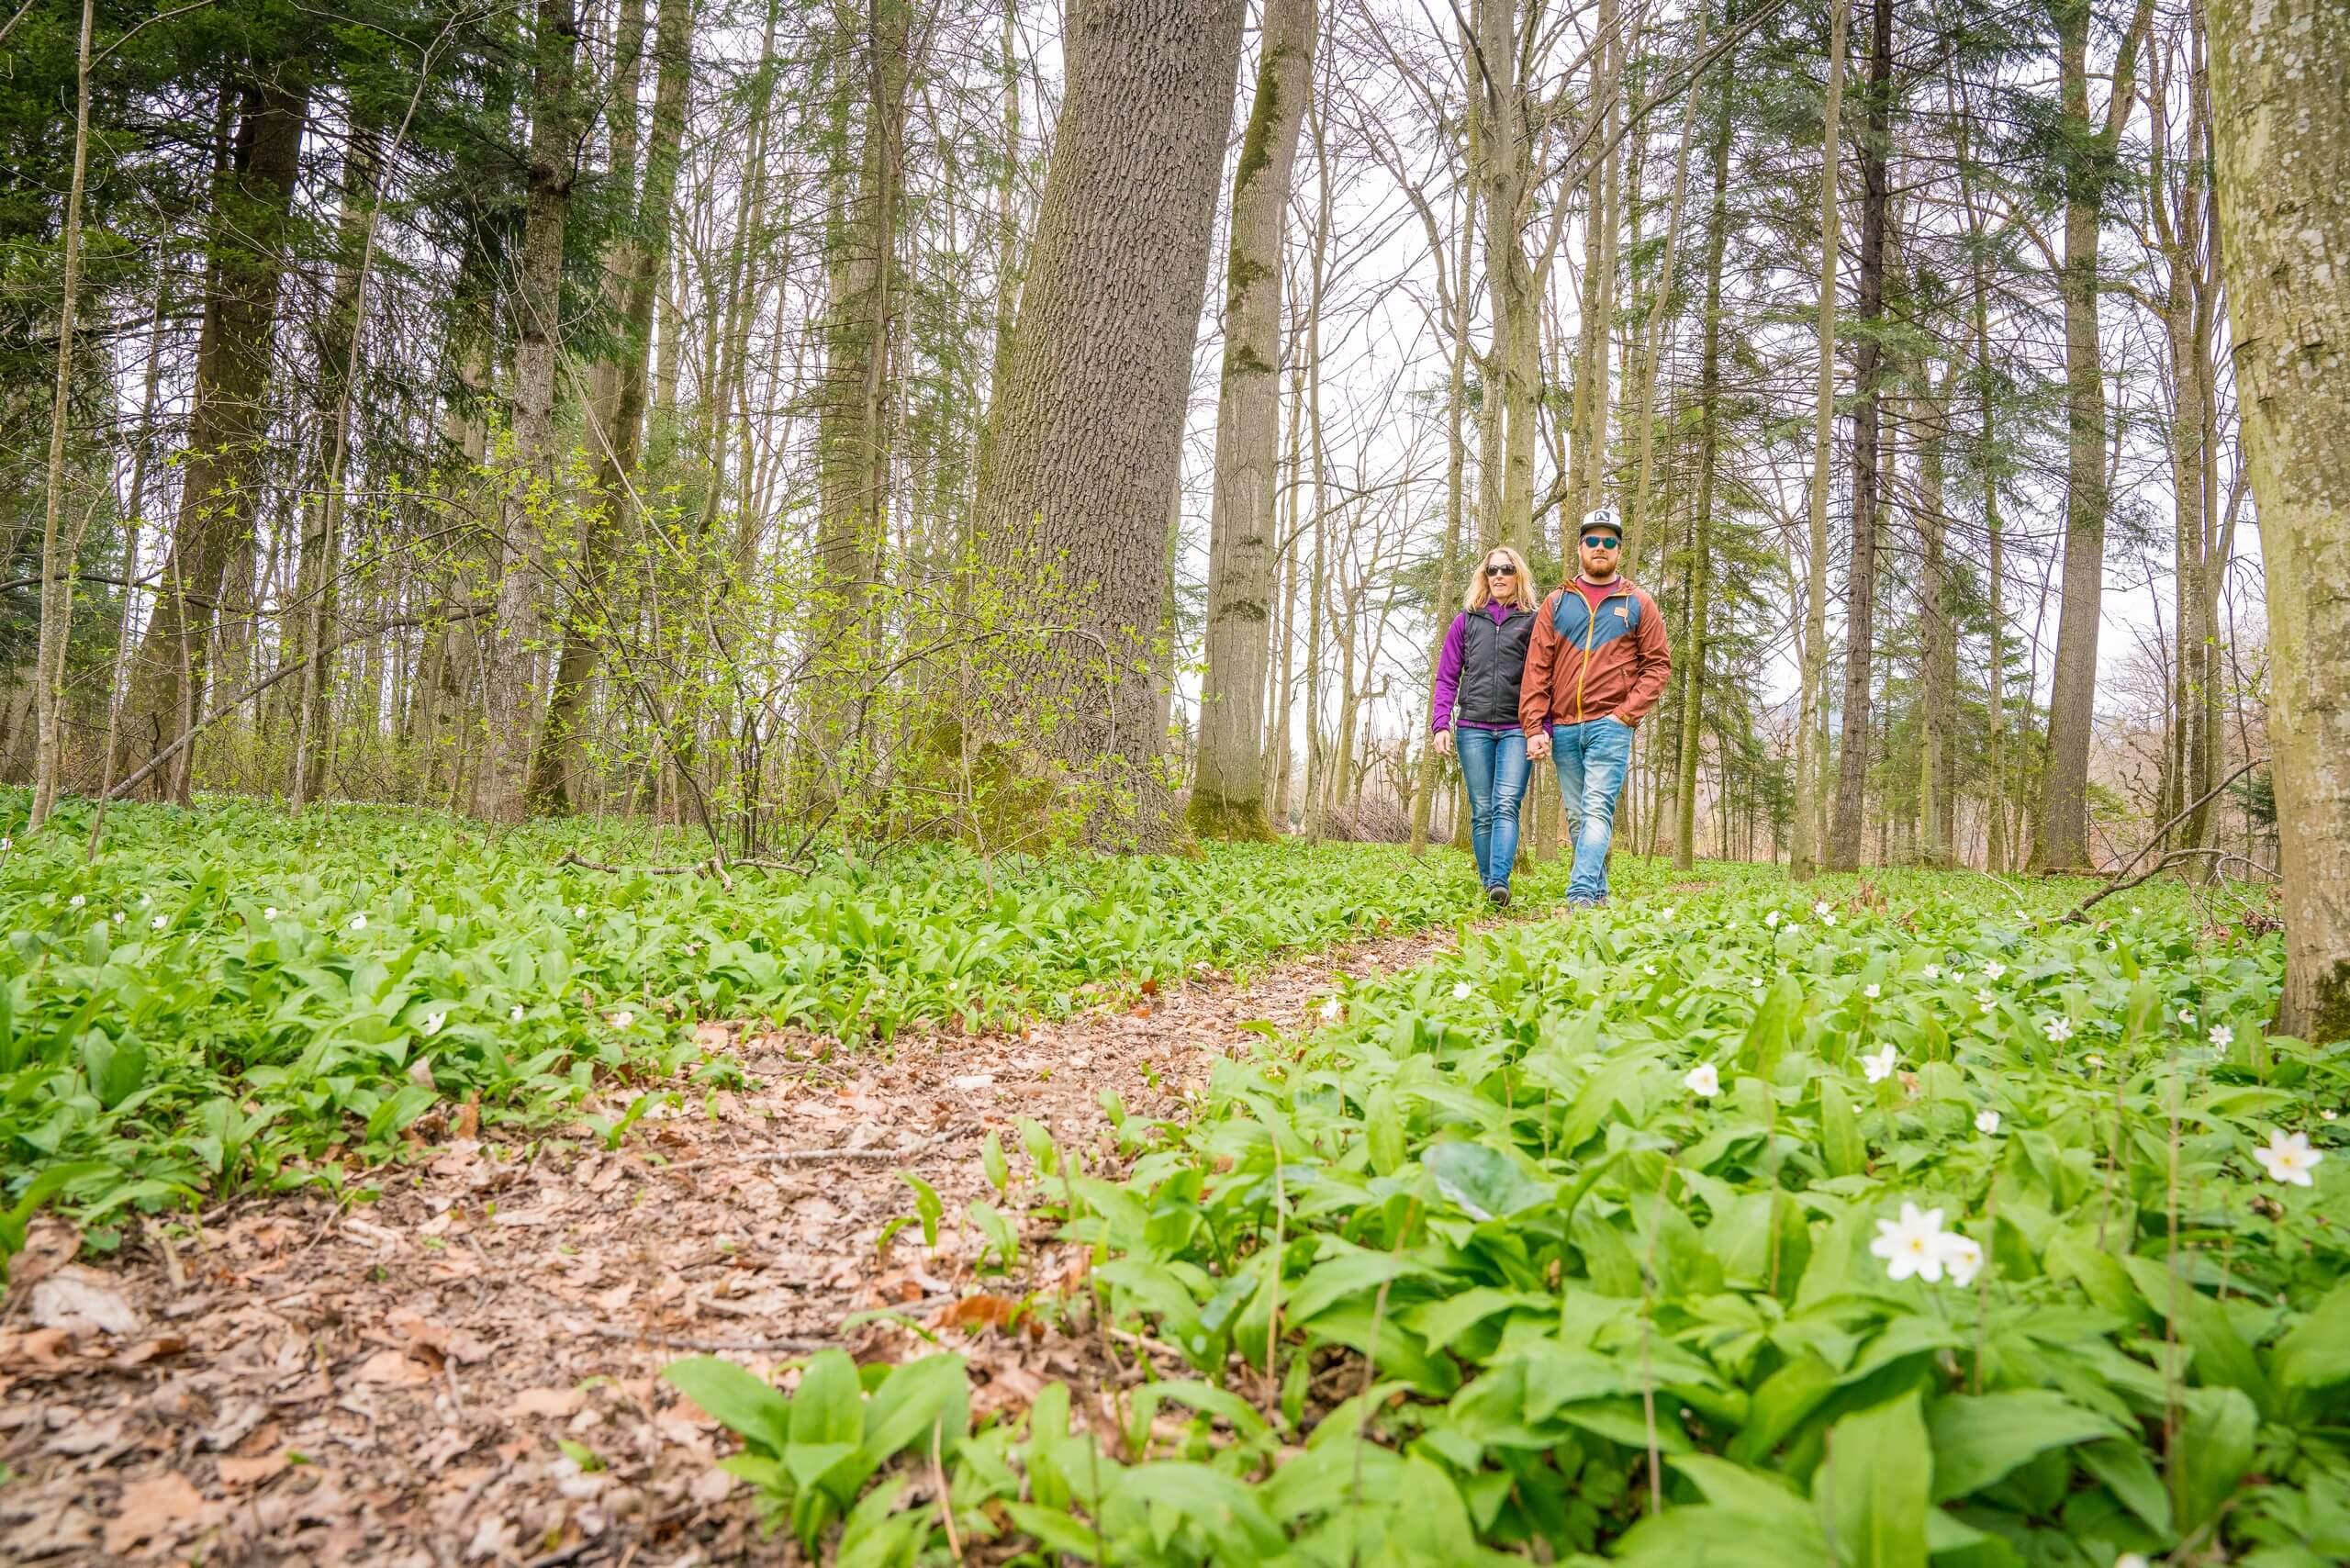 thun-bonstettenpark-paar-wald-fruehling-regenwettertipps-spazier-uferwege